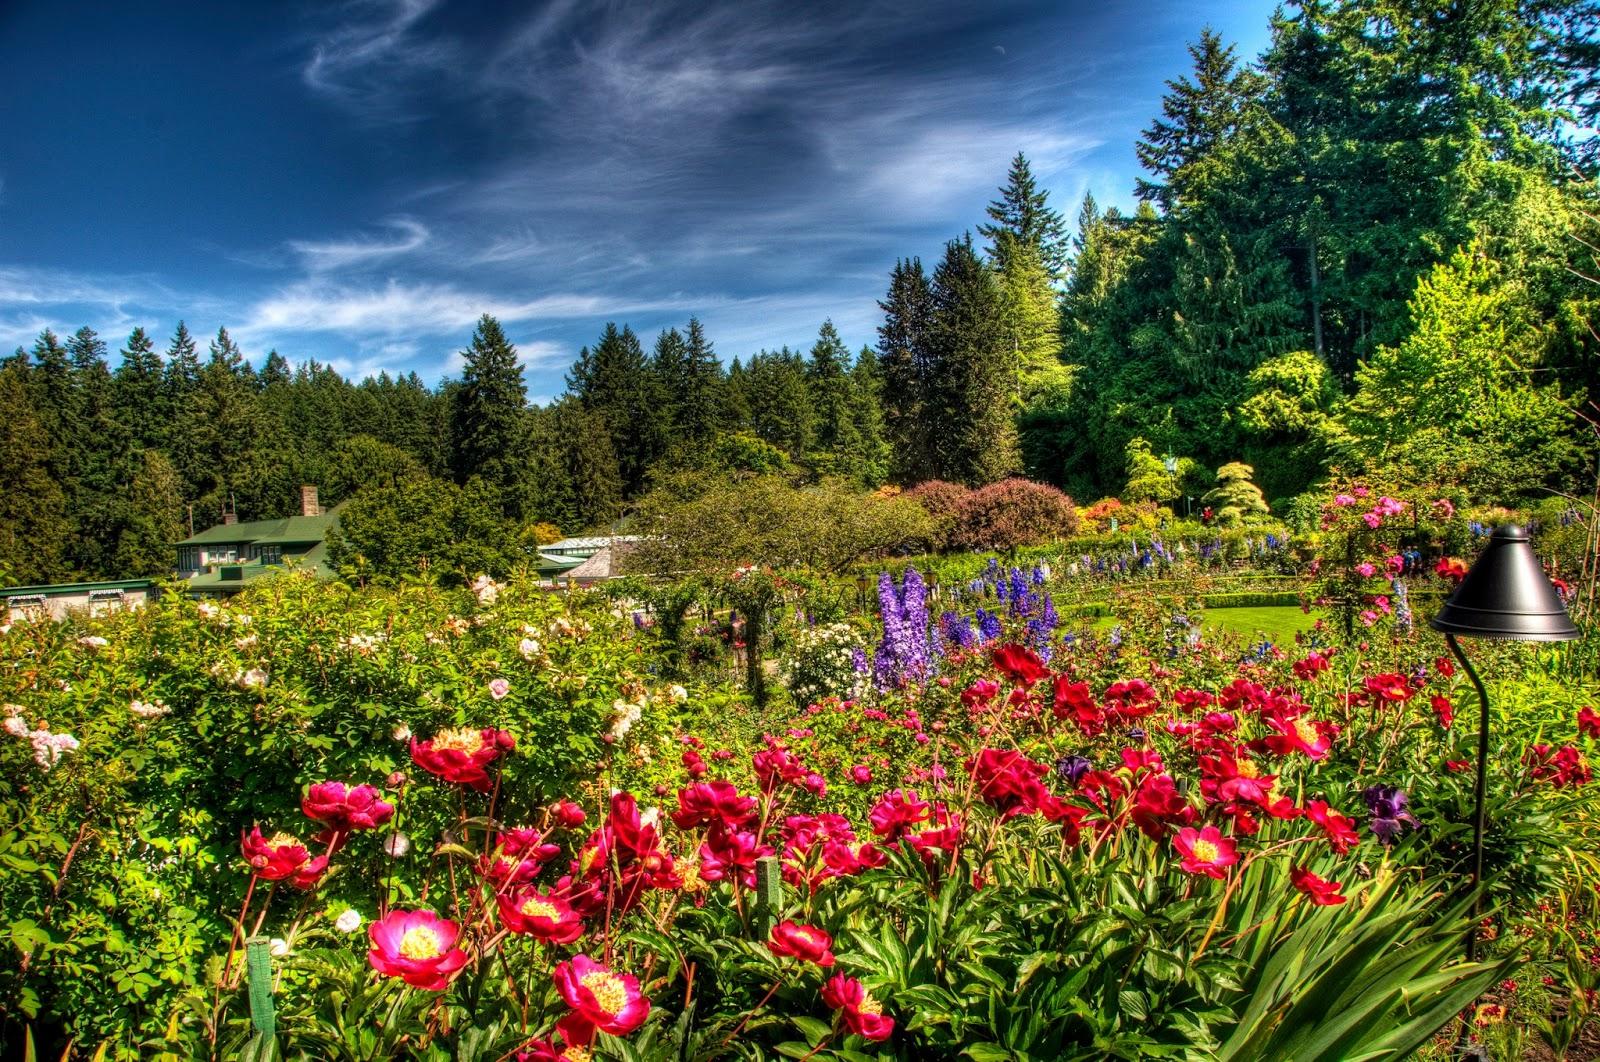 Arte y jardiner a trucos de jardiner a - Imagenes de jardineria ...